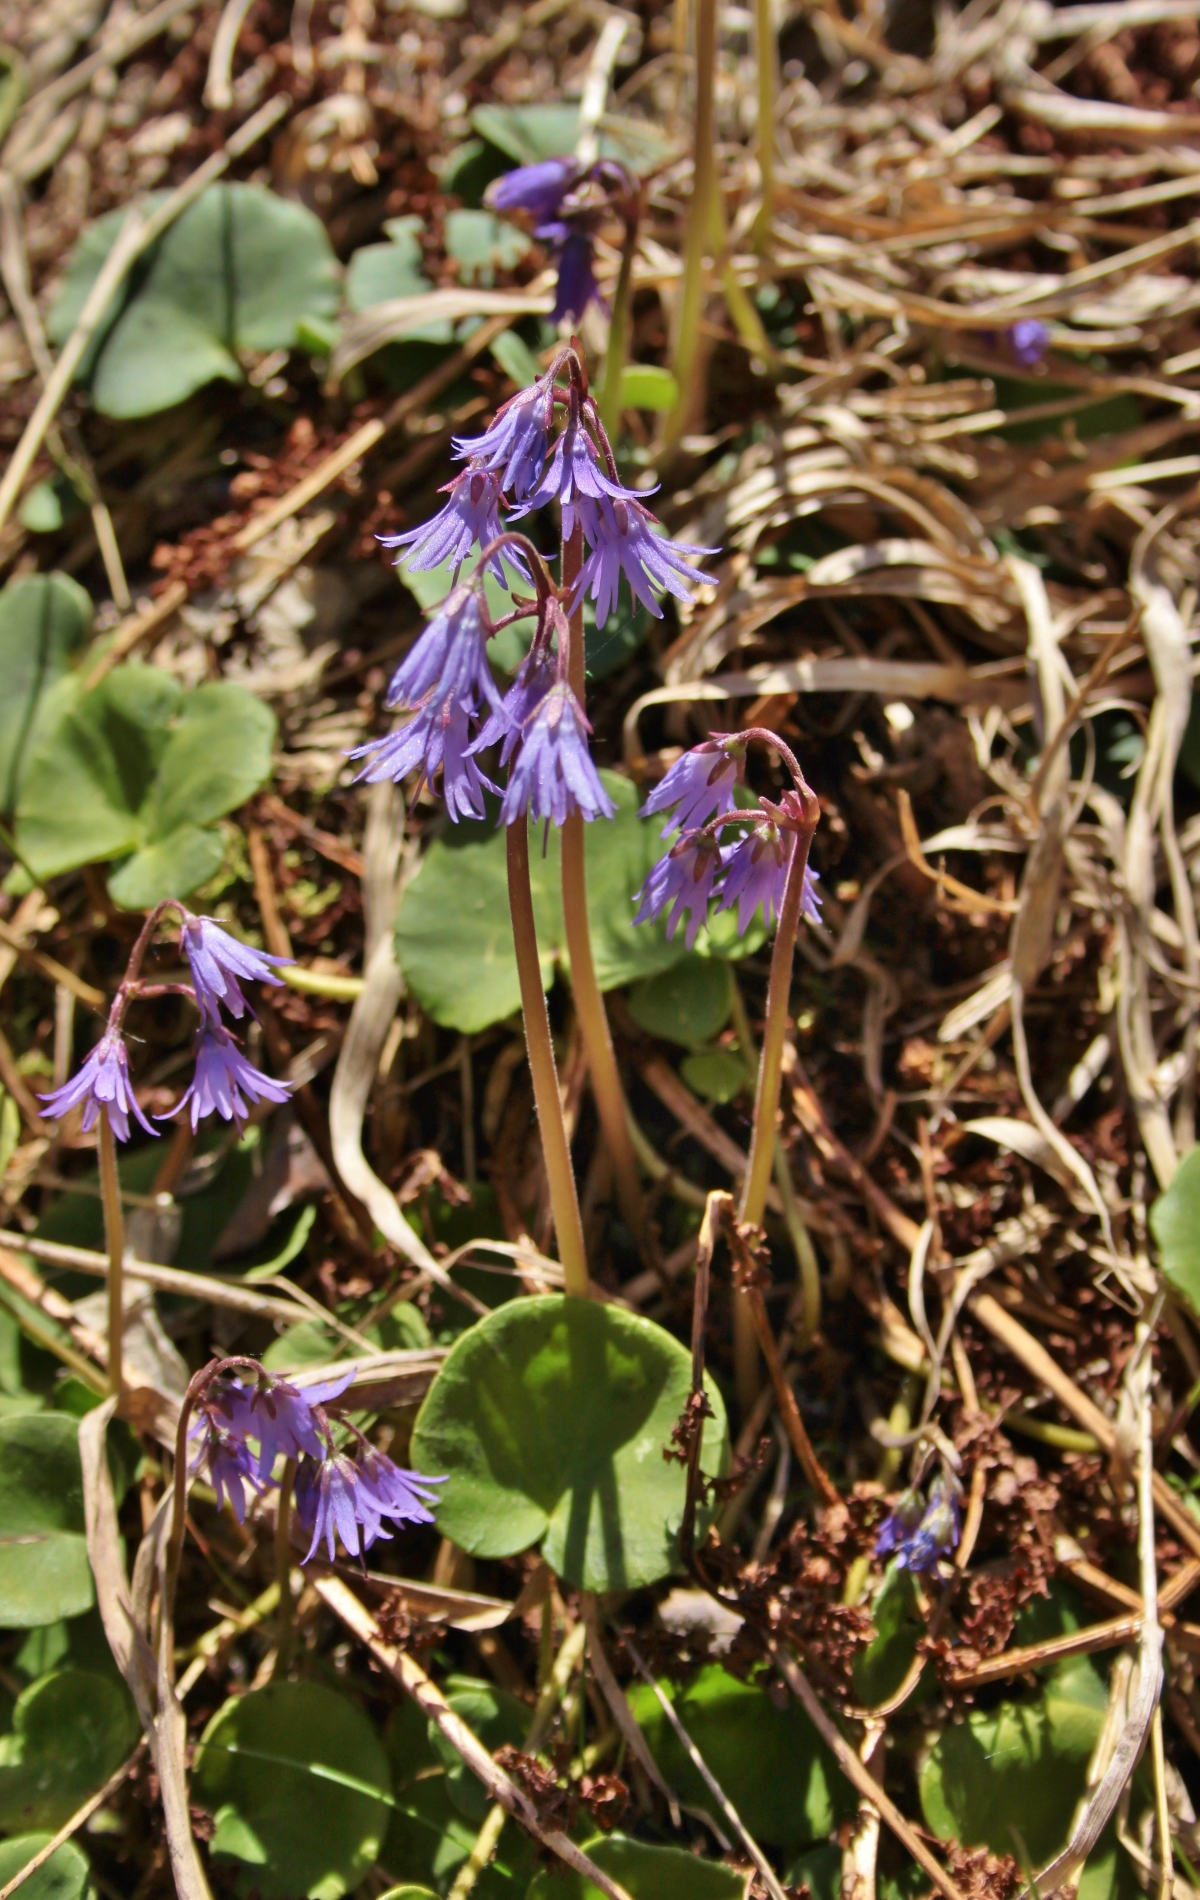 Echtes Alpenglöckchen: Aufnahme der Pflanze